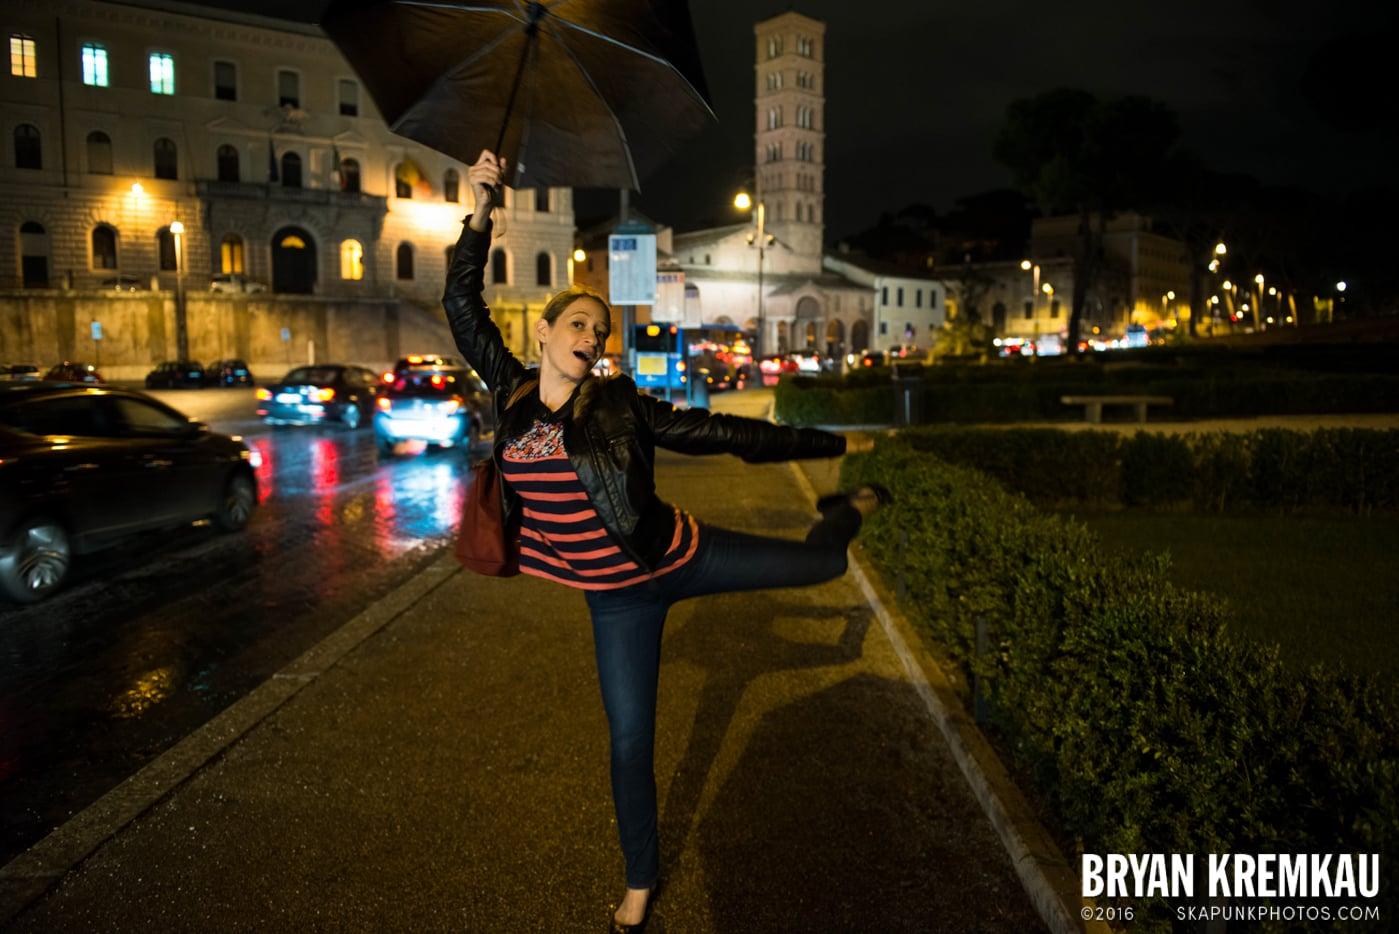 Italy Vacation - Day 2: Rome - 9.10.13 (19)